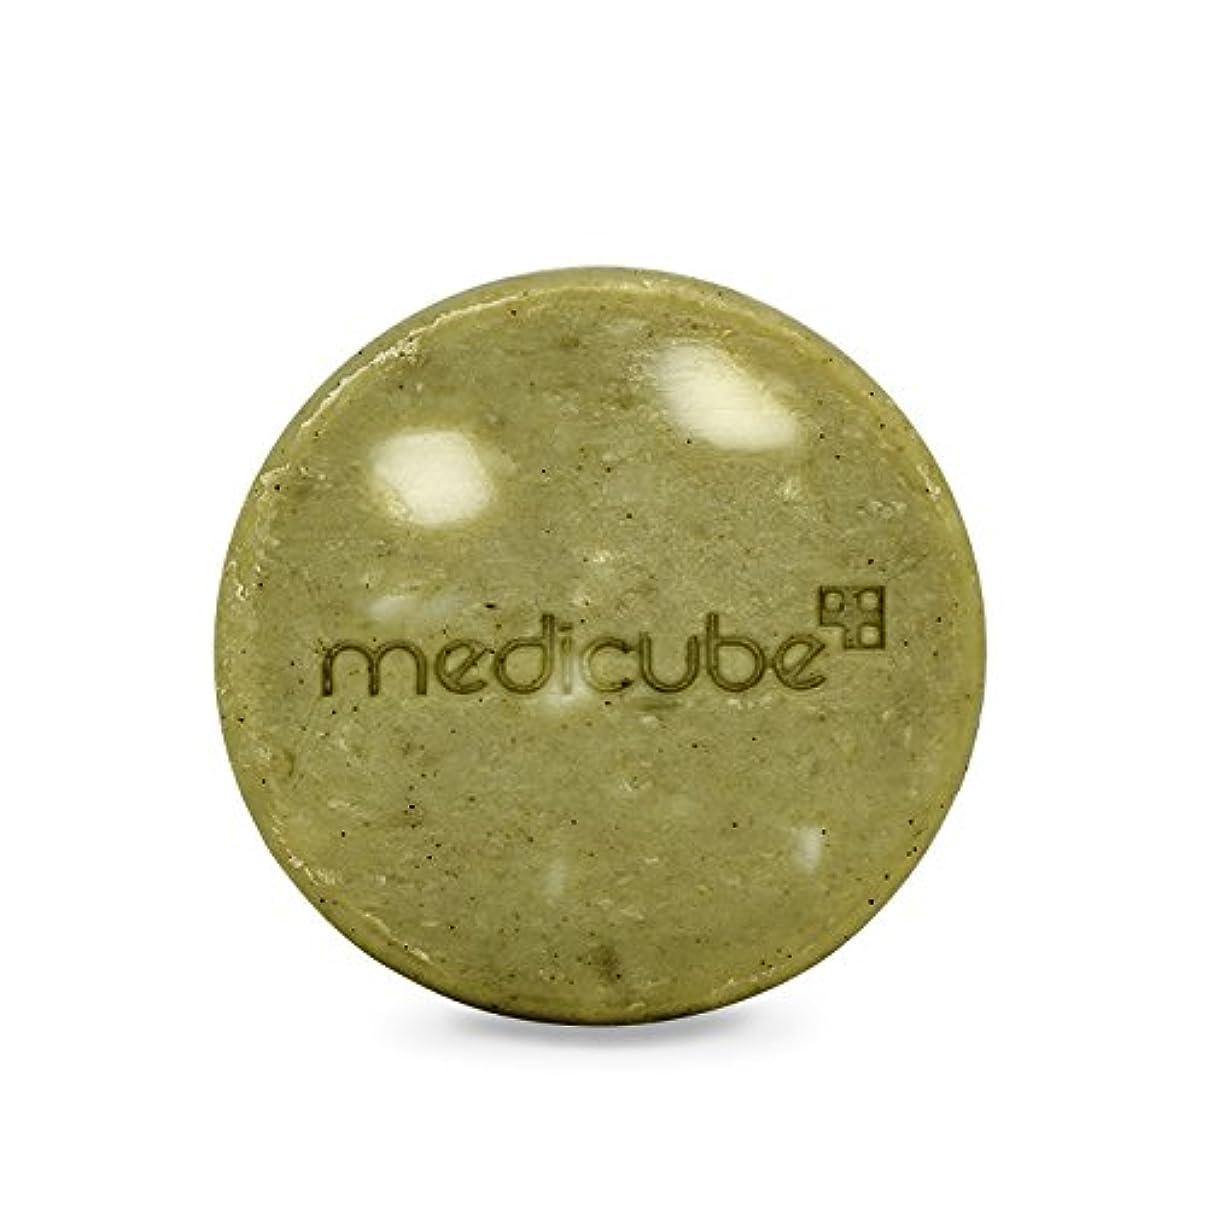 現象割れ目以内に[Medicube]Red Body Bar / メディキューブレッドボディバー / 正品?海外直送商品 [並行輸入品]